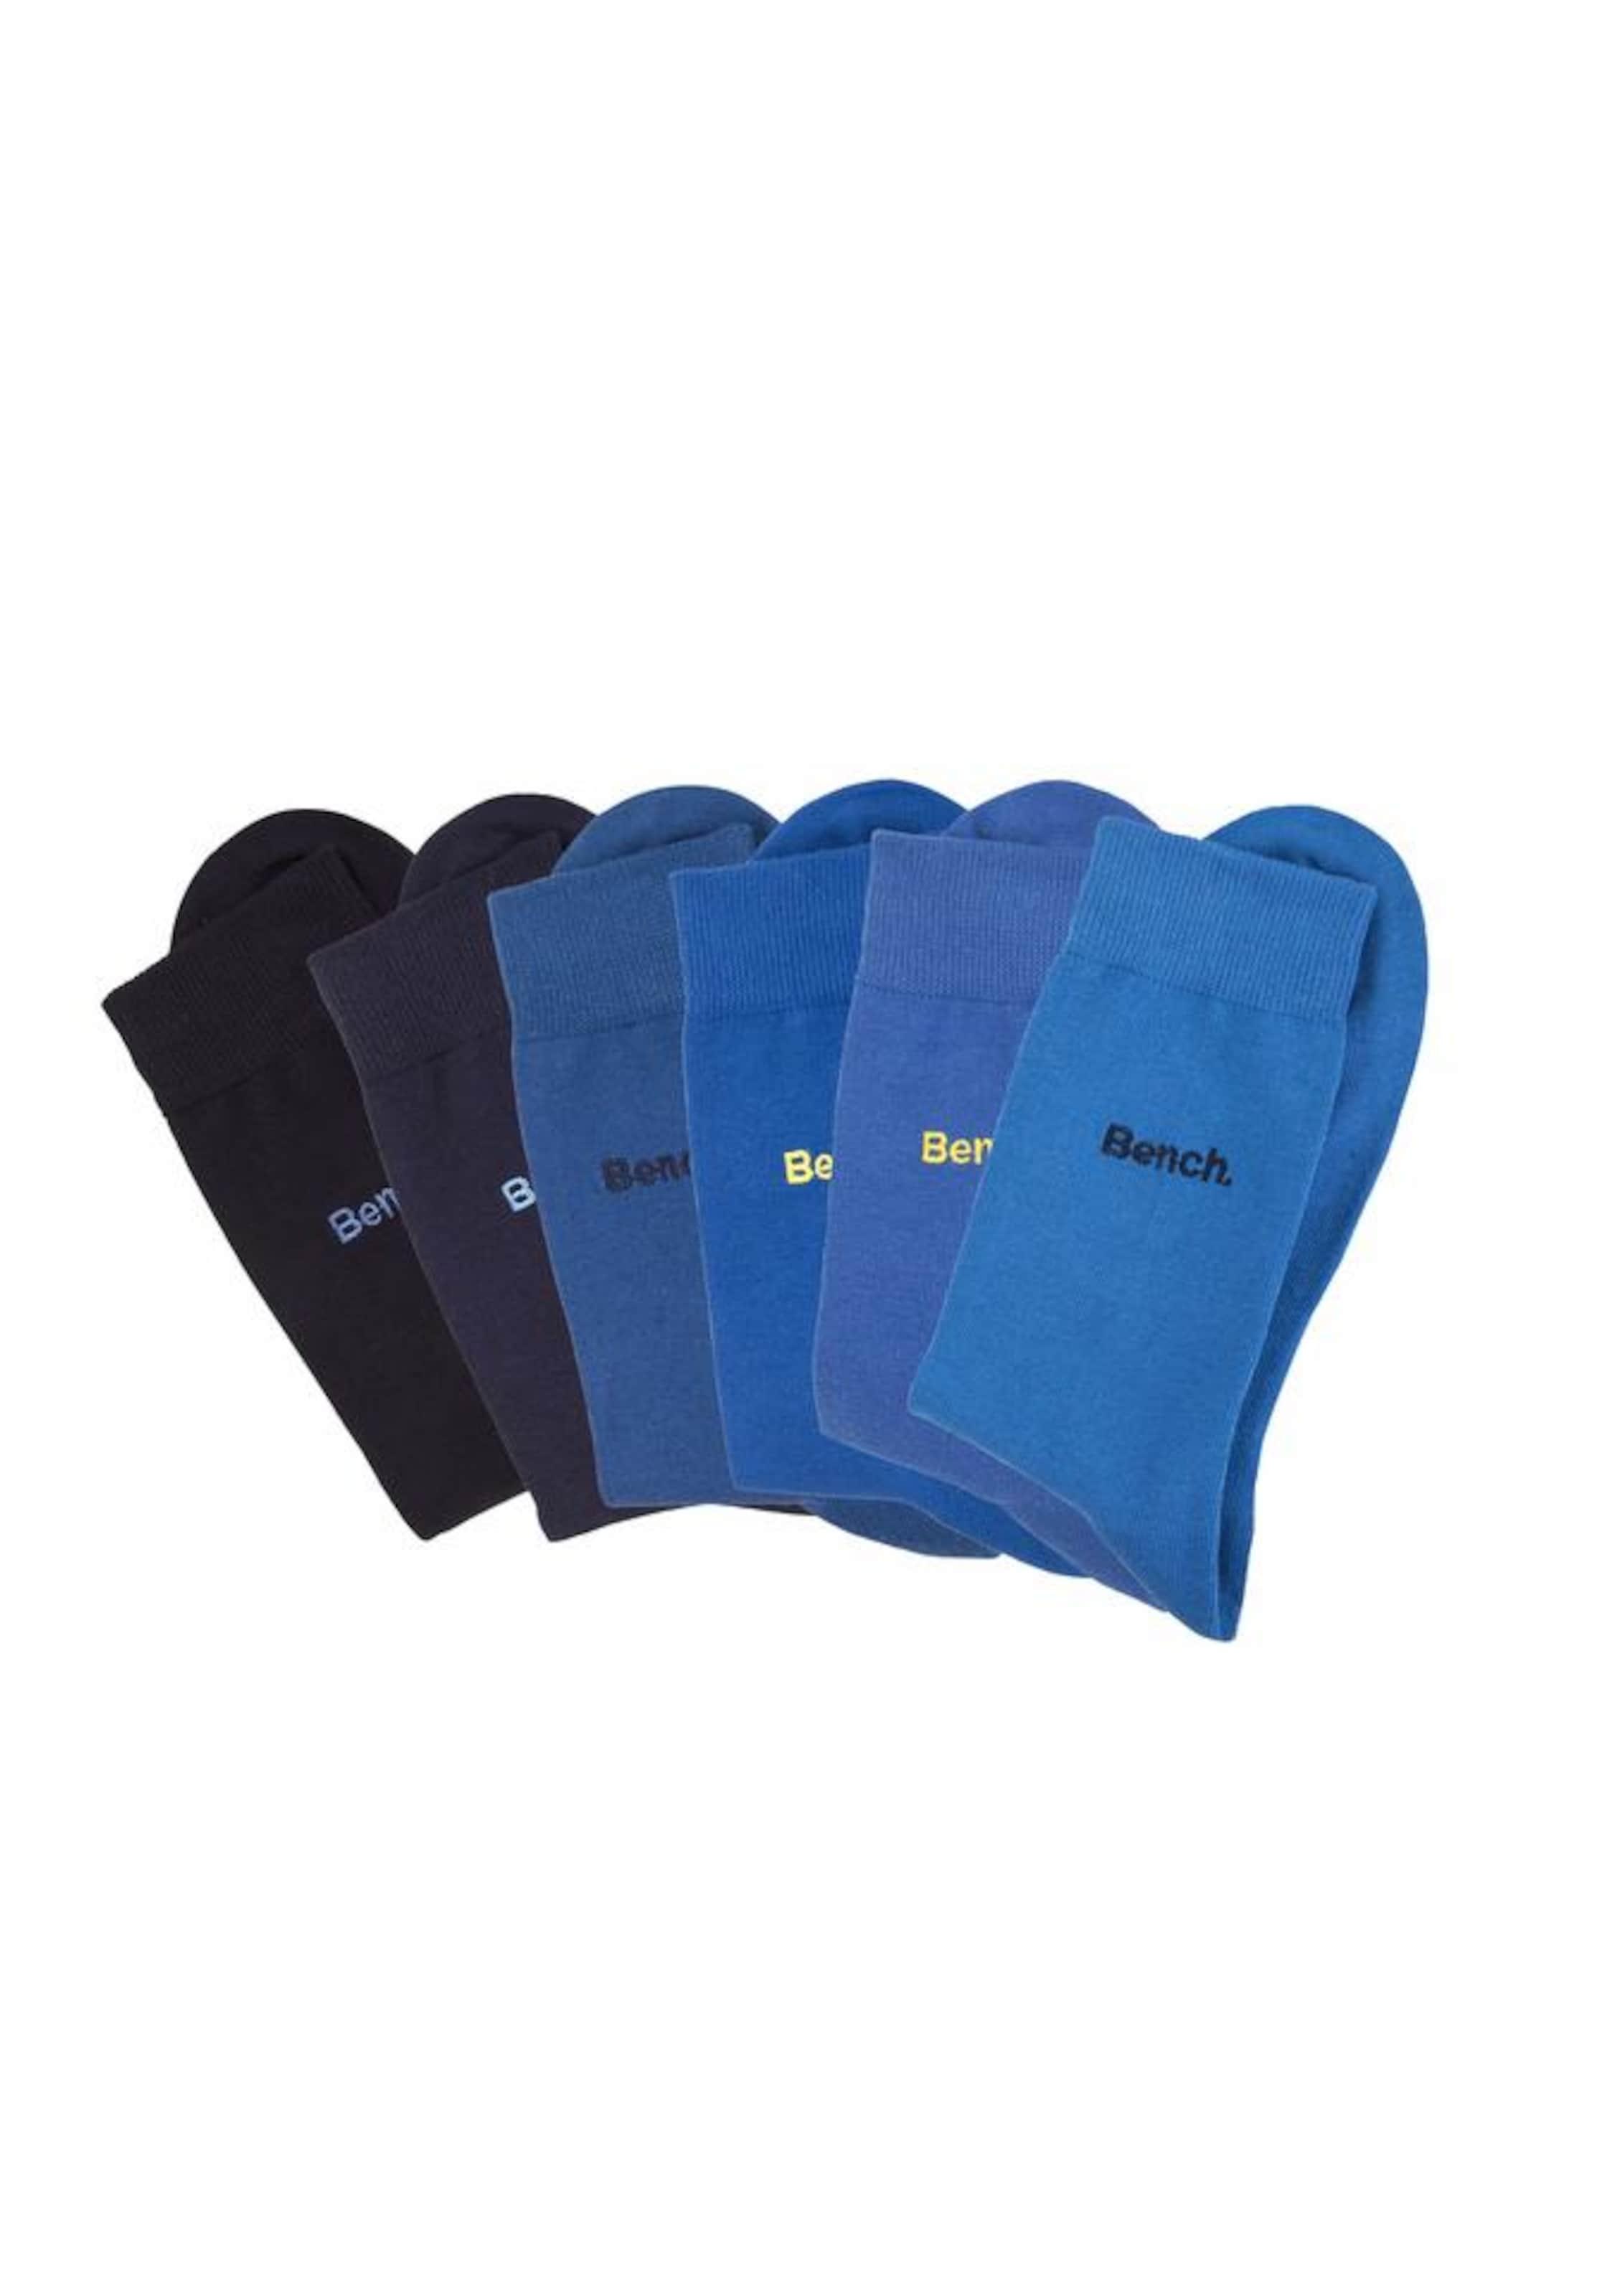 BENCH Socken ( Paar) Verkauf Exklusiv Günstiger Preis Versandkosten Für Steckdose Breite Palette Von Spielraum Footlocker Finish BJSyo